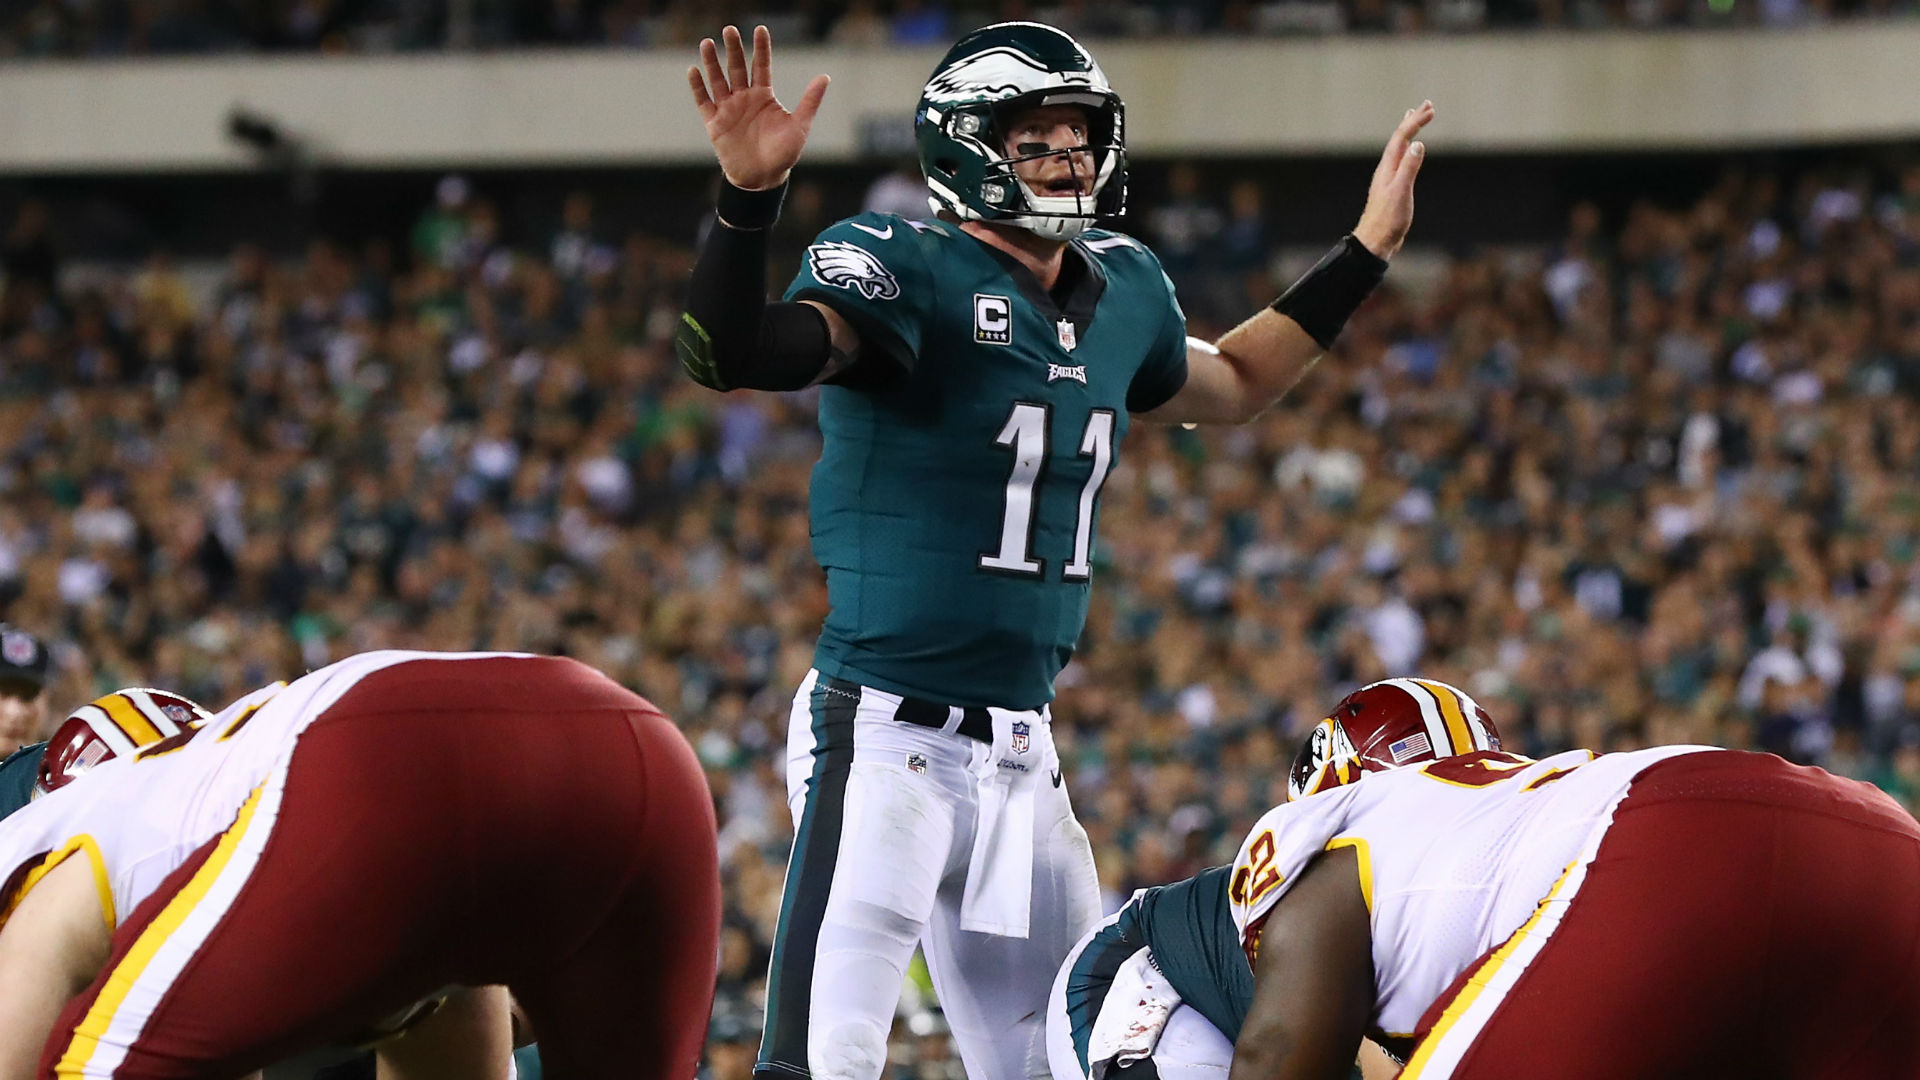 Another injured Redskins QB: Colt McCoy hurts leg, Mark Sanchez goes in